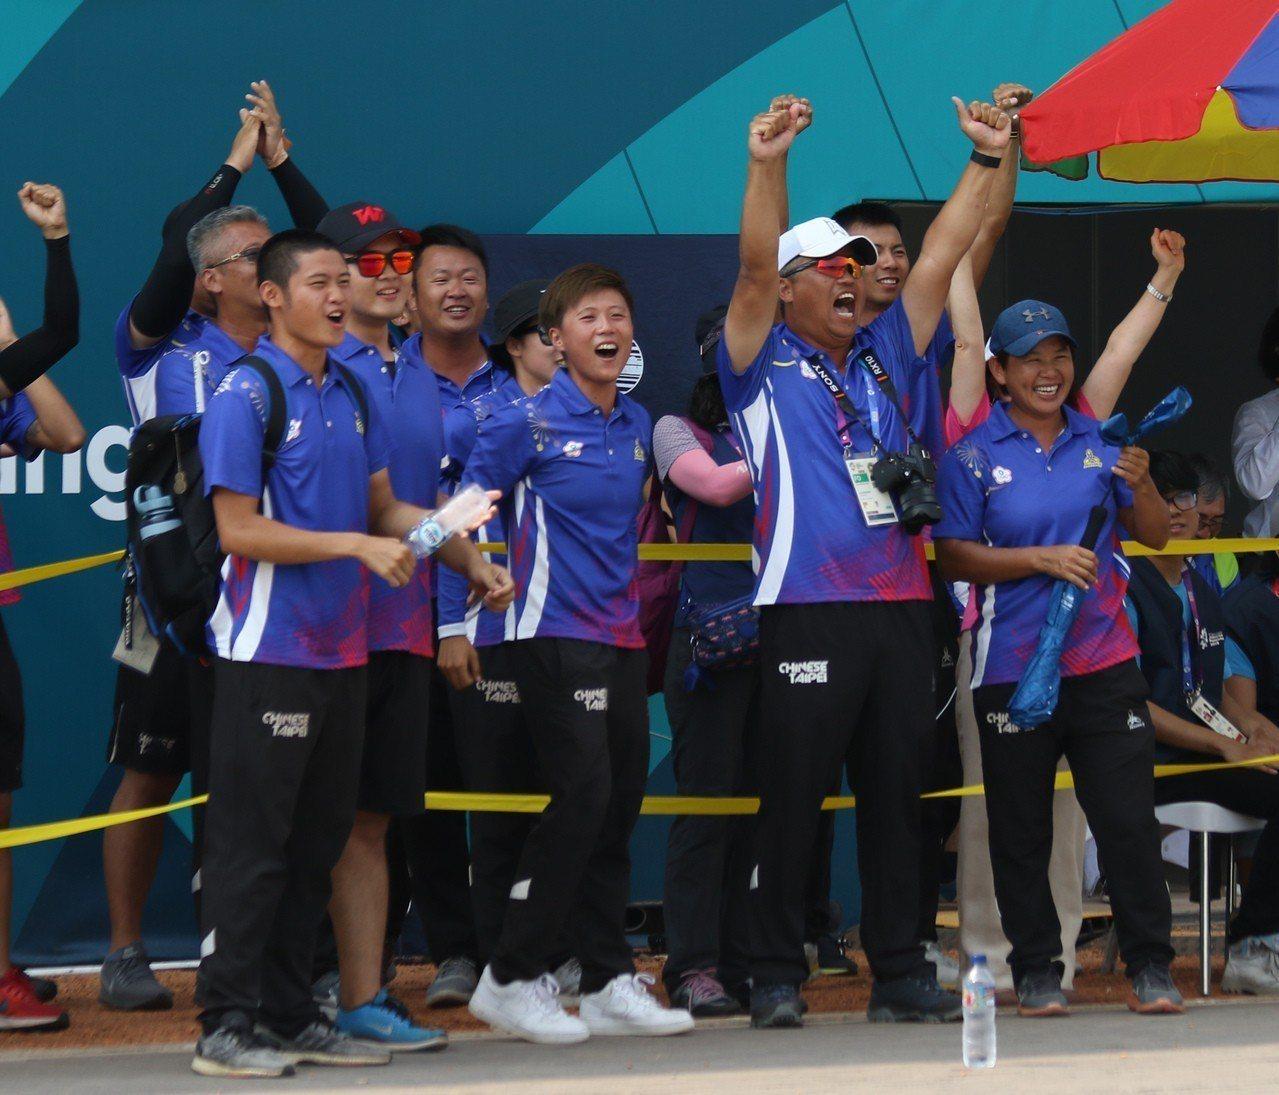 複合弓混雙以一分險勝,中華隊全隊為奪金歡呼。台體實習記者藍妍琦/雅加達攝影